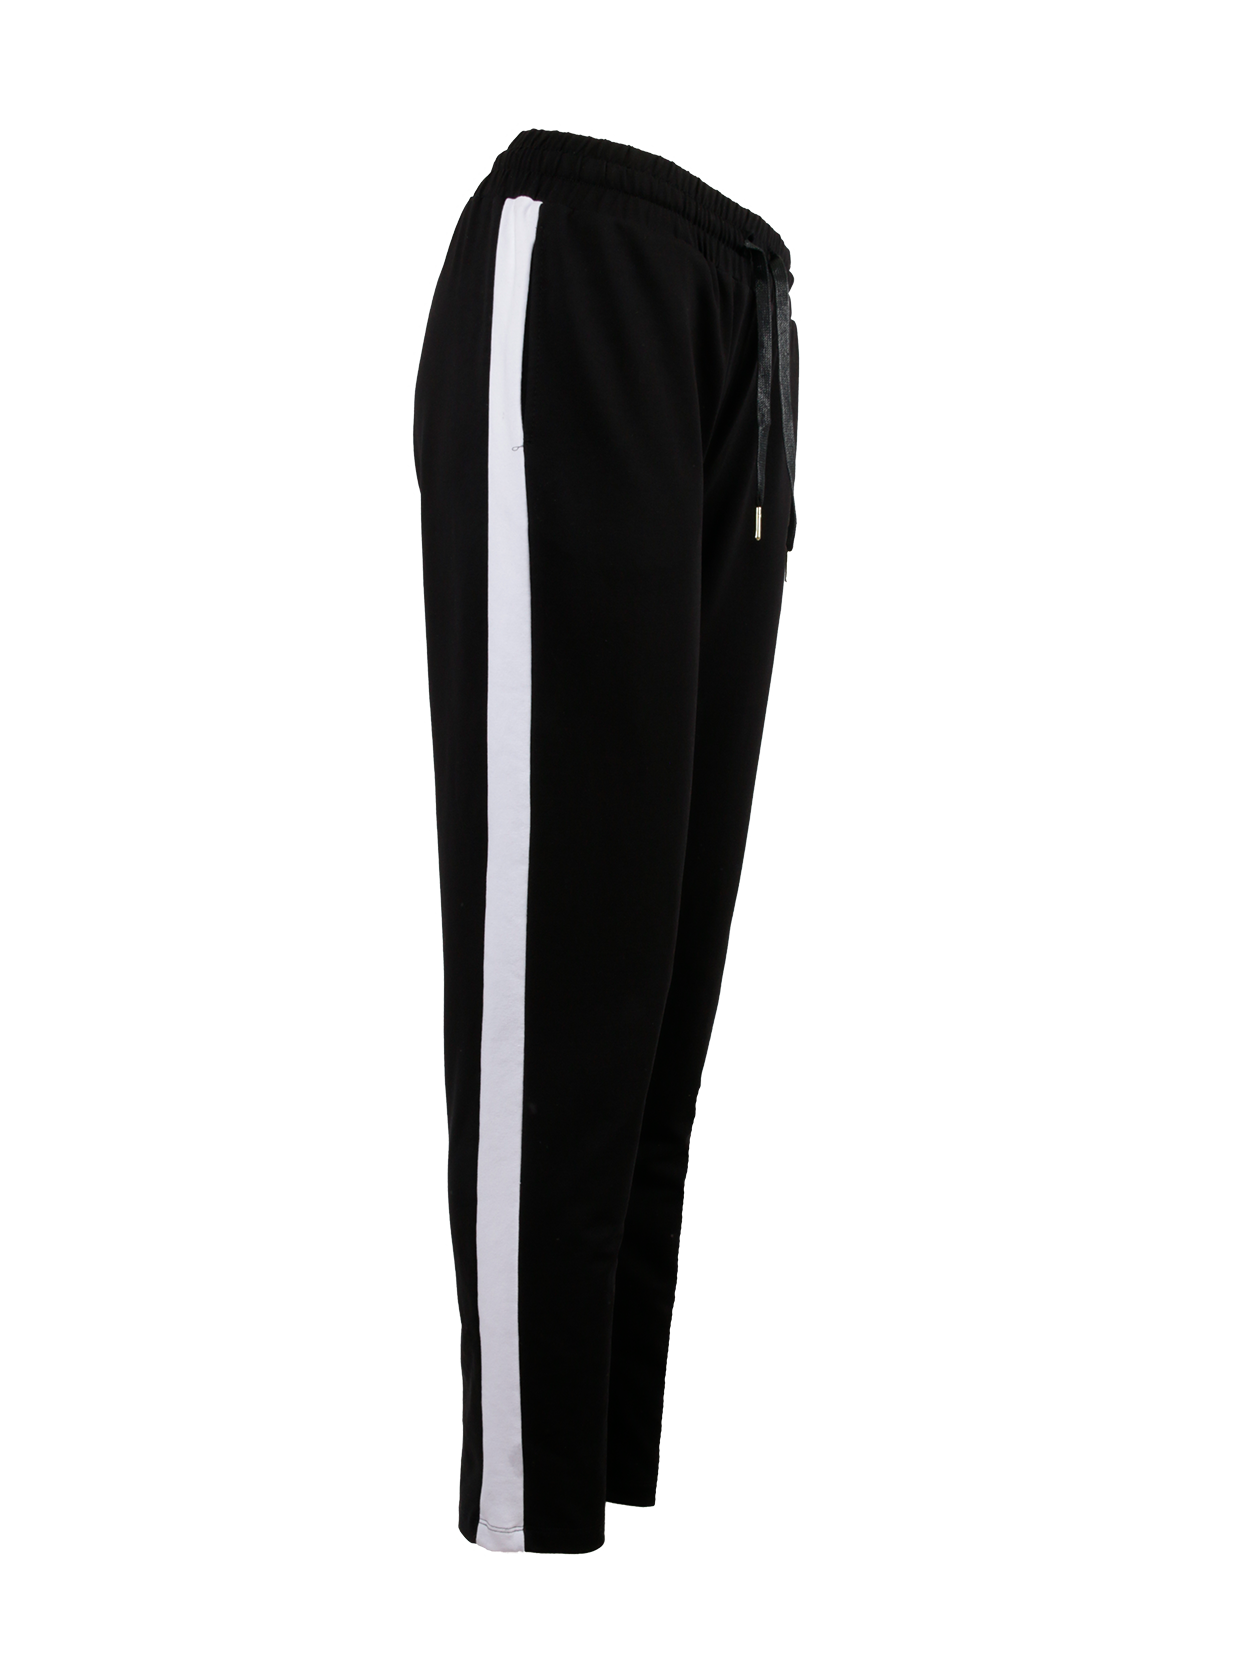 Брюки женские HARAJUKUБрюки женские Harajuku универсального черного цвета – модный хит от бренда Black Star Wear. Модель спортивного стиля идеально подходит для активной деятельности, отдыха и повседневной носки. Крой изделия прямой, полуоблегающий, имеется небольшой припуск. На поясе оформлена широкая фиксирующая резинка и завязки. Дизайн дополнен вертикальными боковыми вставками белого цвета. При изготовлении брюк использован 100% хлопок элитного качества, гарантирующий практичность и долговечность изделия.<br><br>Размер: S<br>Цвет: Черный/Белый<br>Пол: Женский